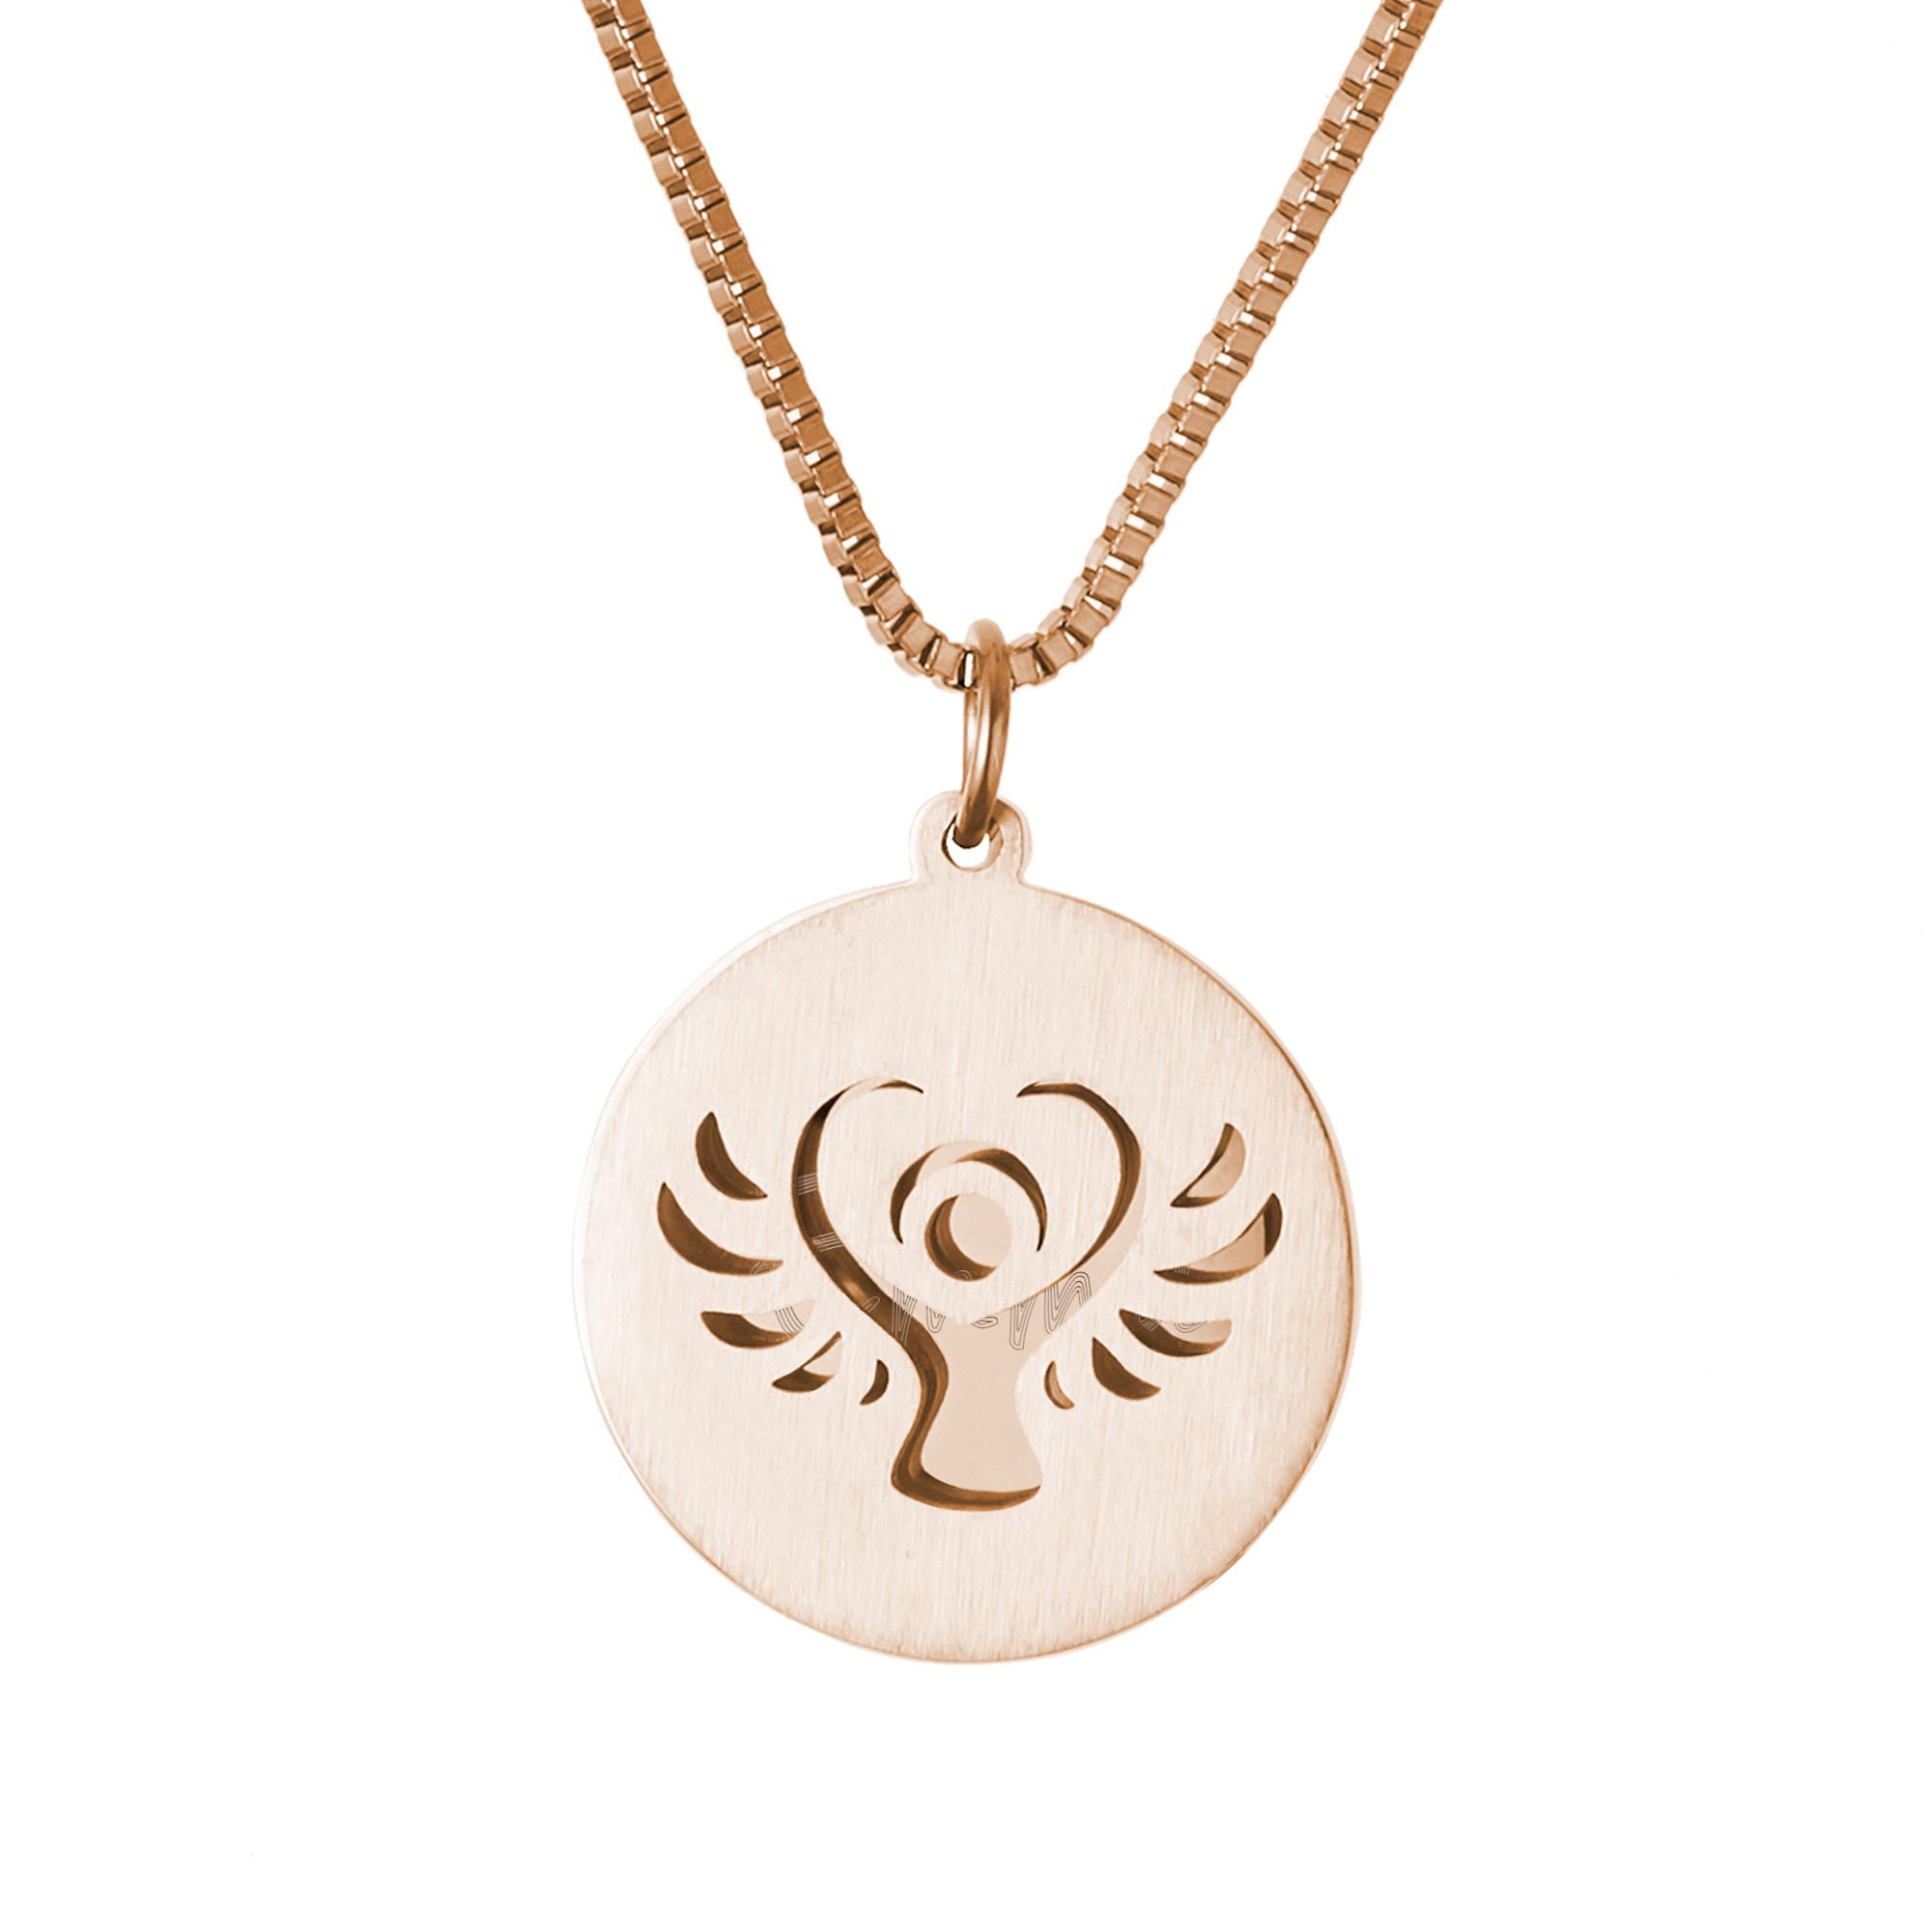 Halskette mit Gravur - Schutzengel und Name und Datum - Roségold